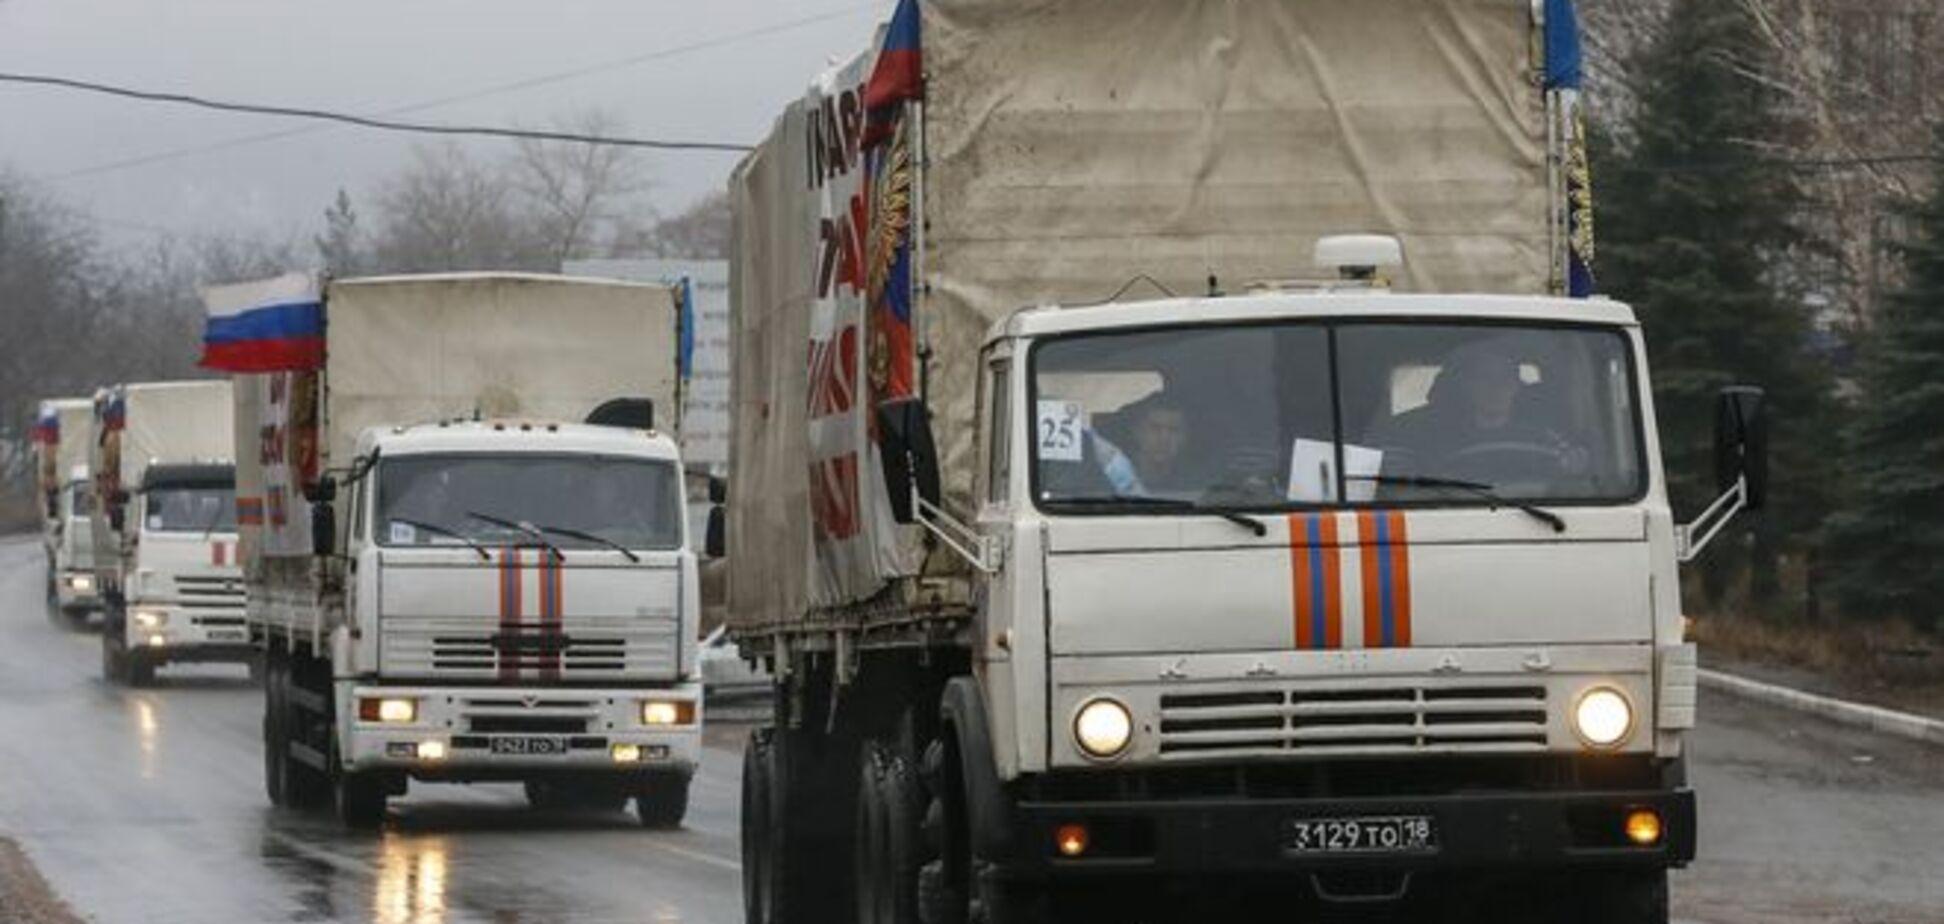 Тут и закопаем: Путин 'гумконвоем' послал в Украину удобрения для земли